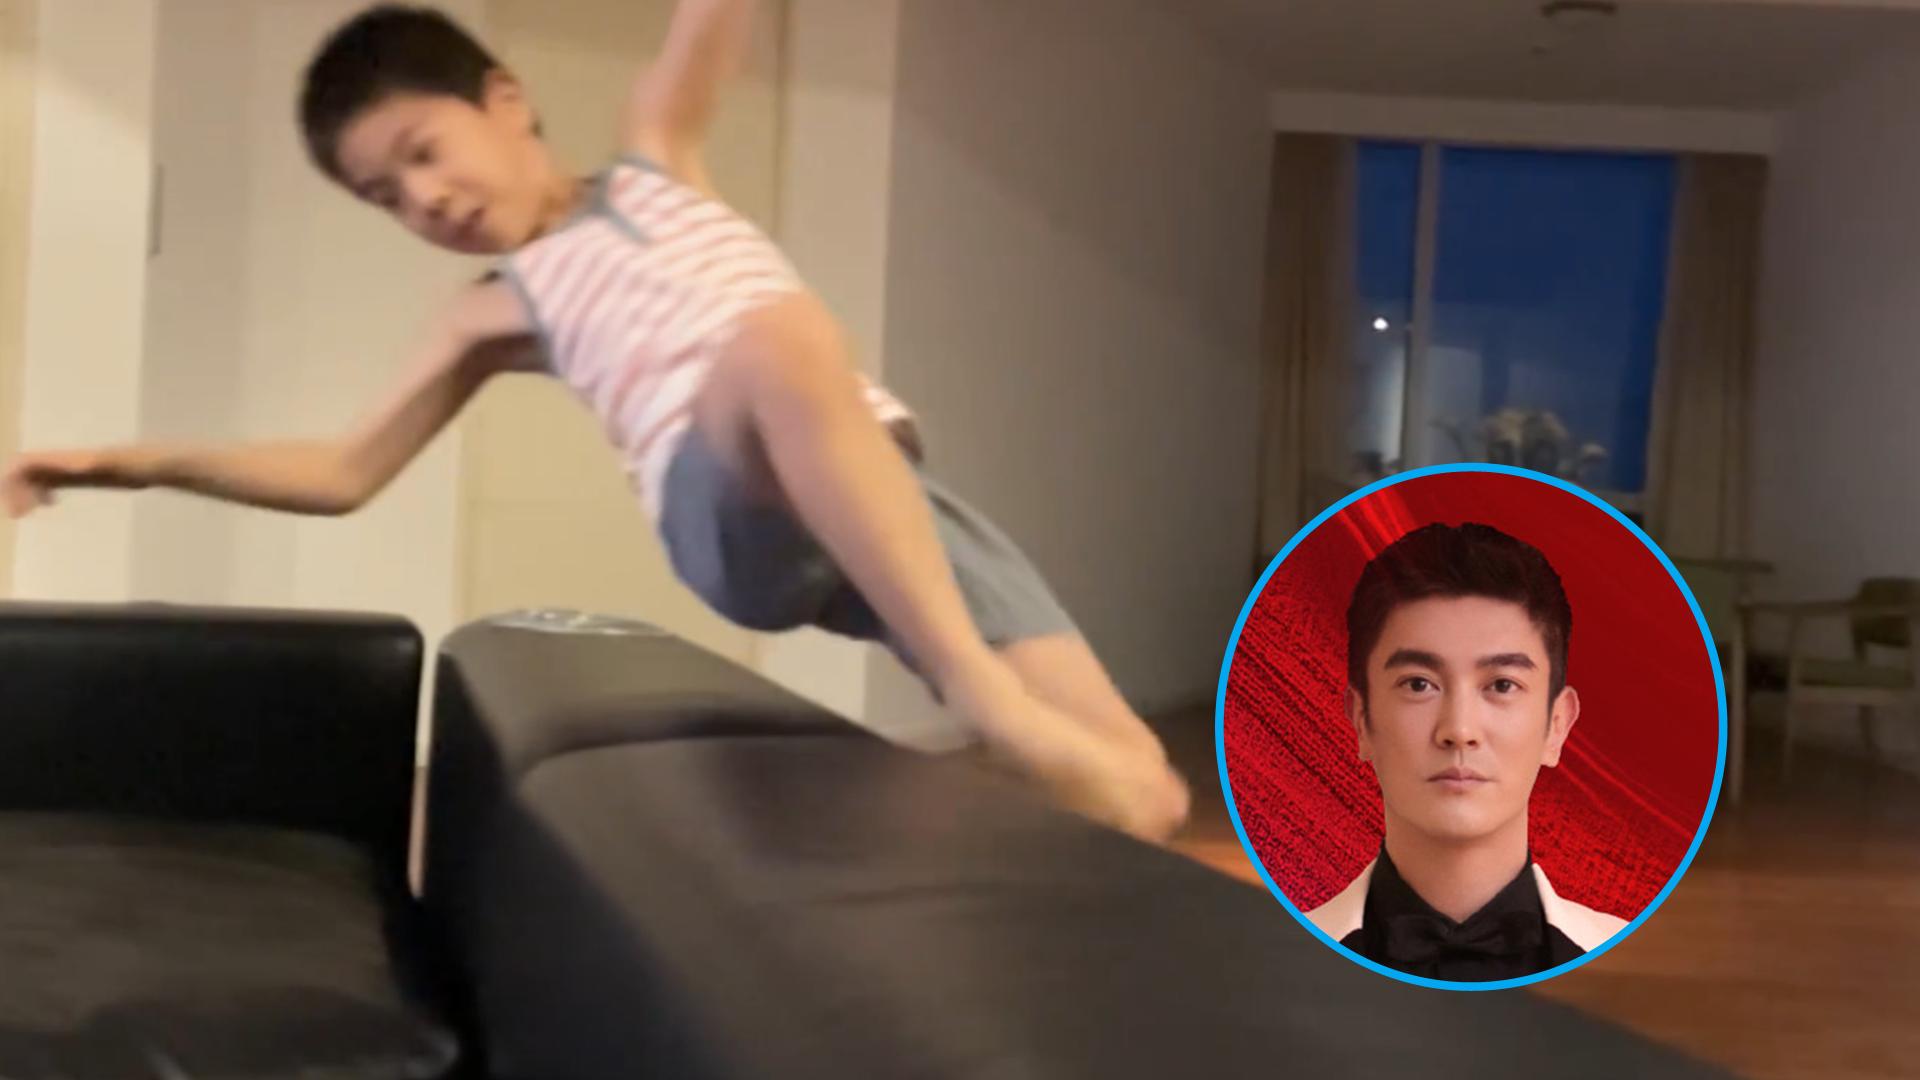 运动基因好强!杜江晒儿子用沙发练跳高,8岁嗯哼背越式过杆超帅